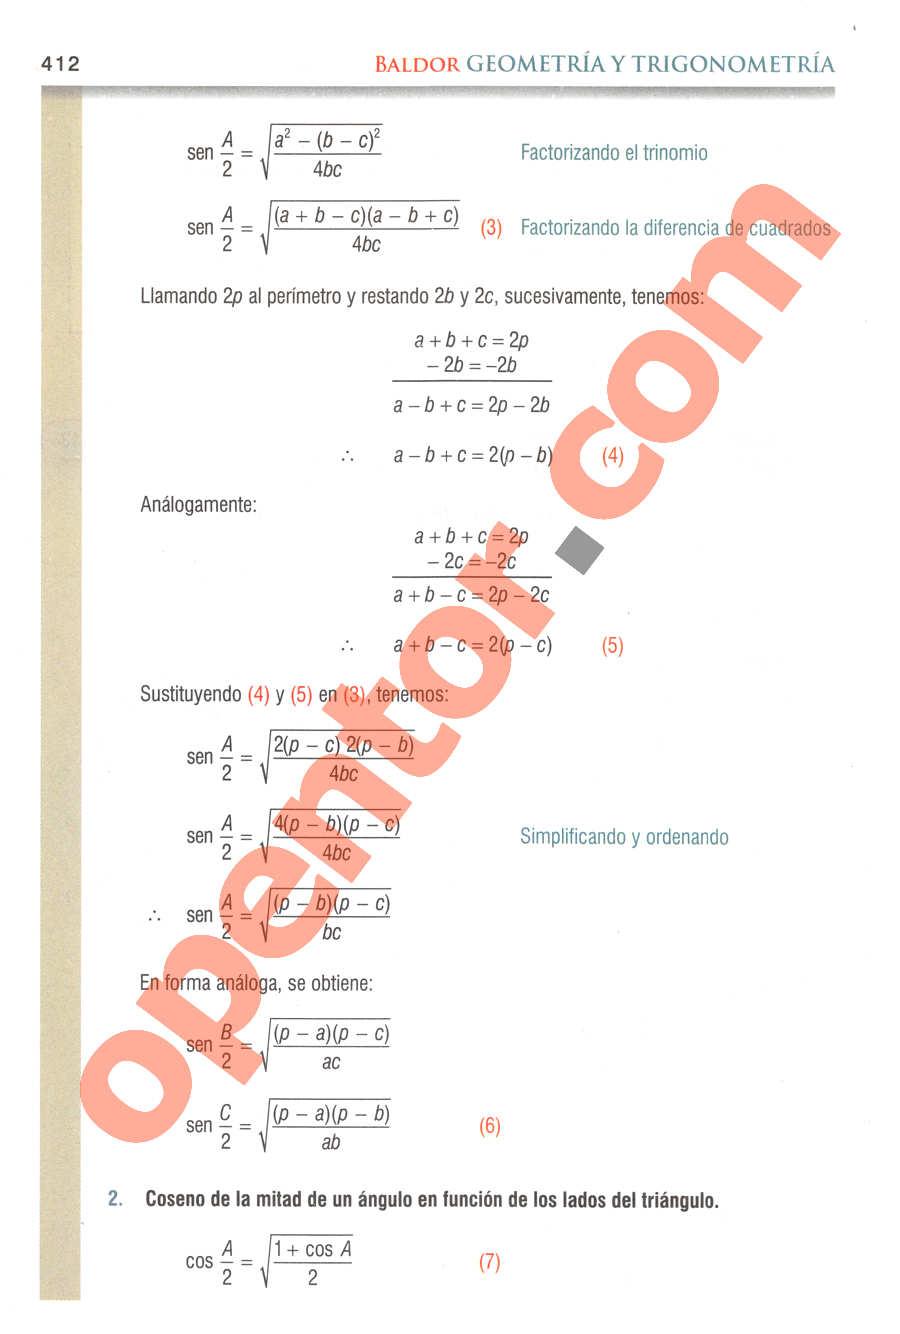 Geometría y Trigonometría de Baldor - Página 412